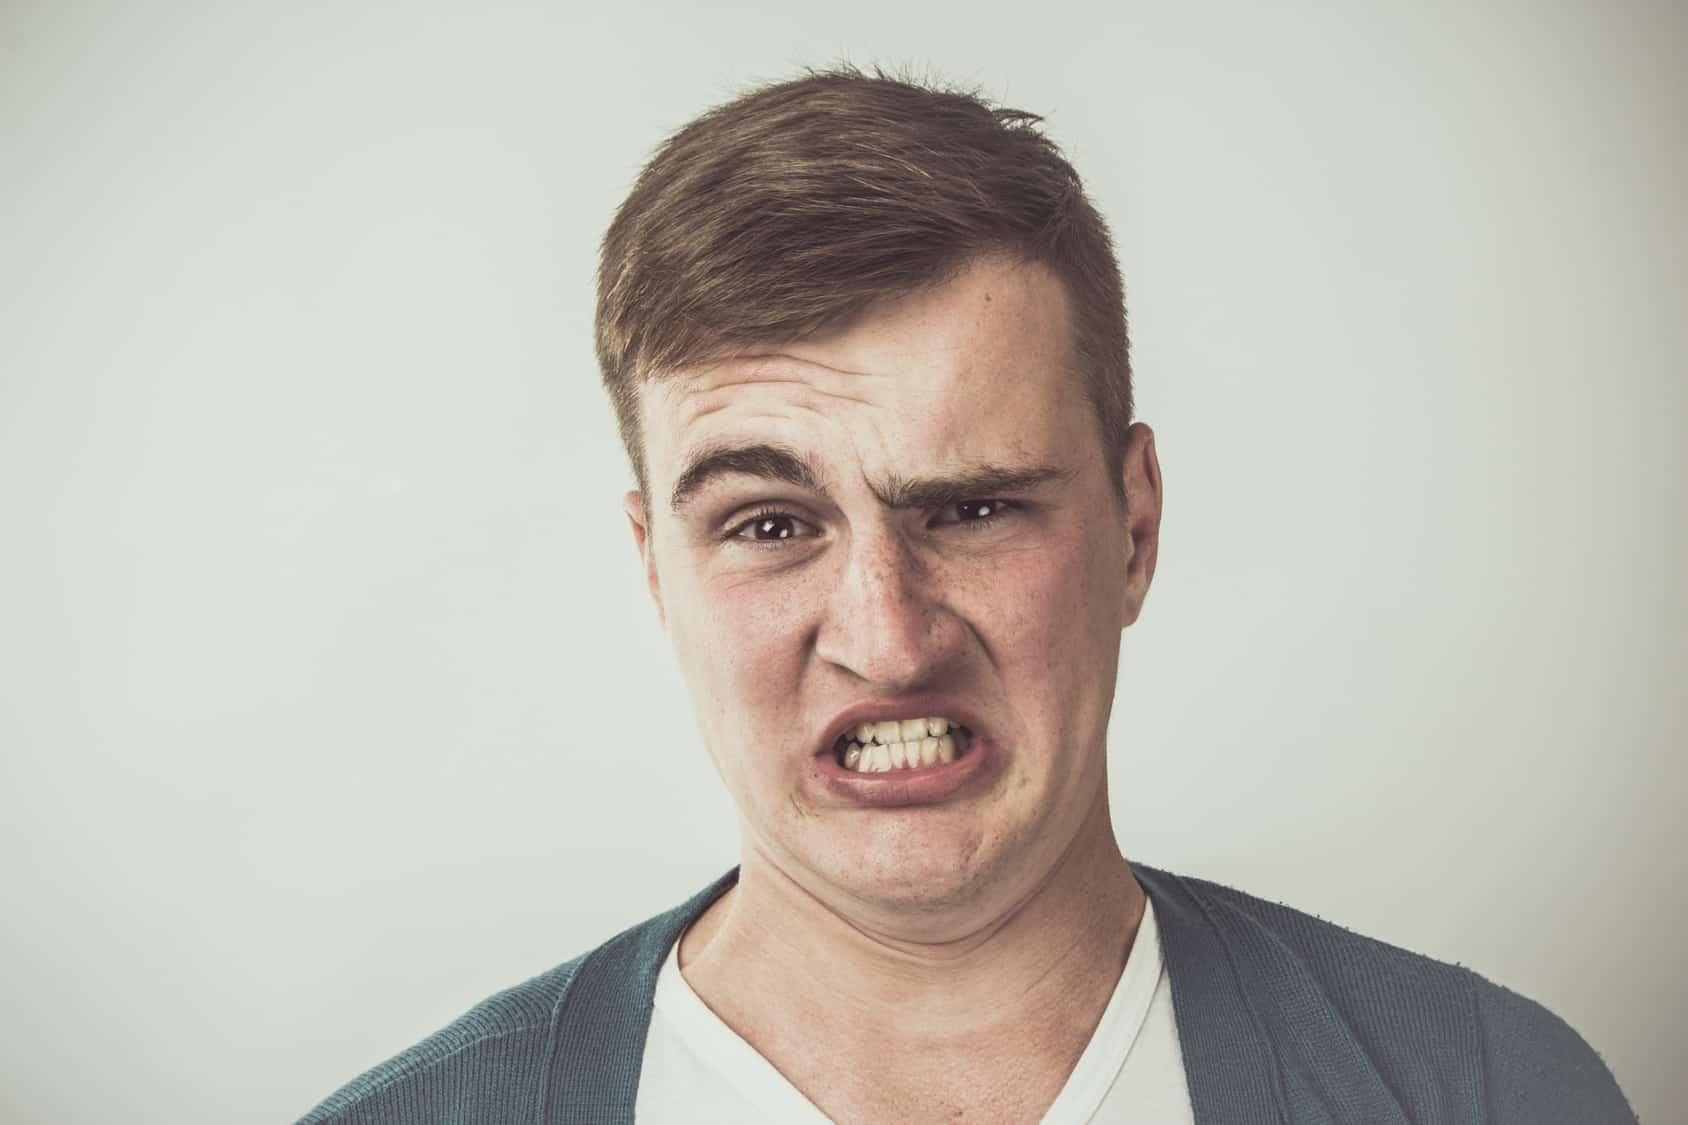 """Si una persona se siente desprestigiada por un """"meme"""", podría presentar una demanda civil para reparación del daño"""